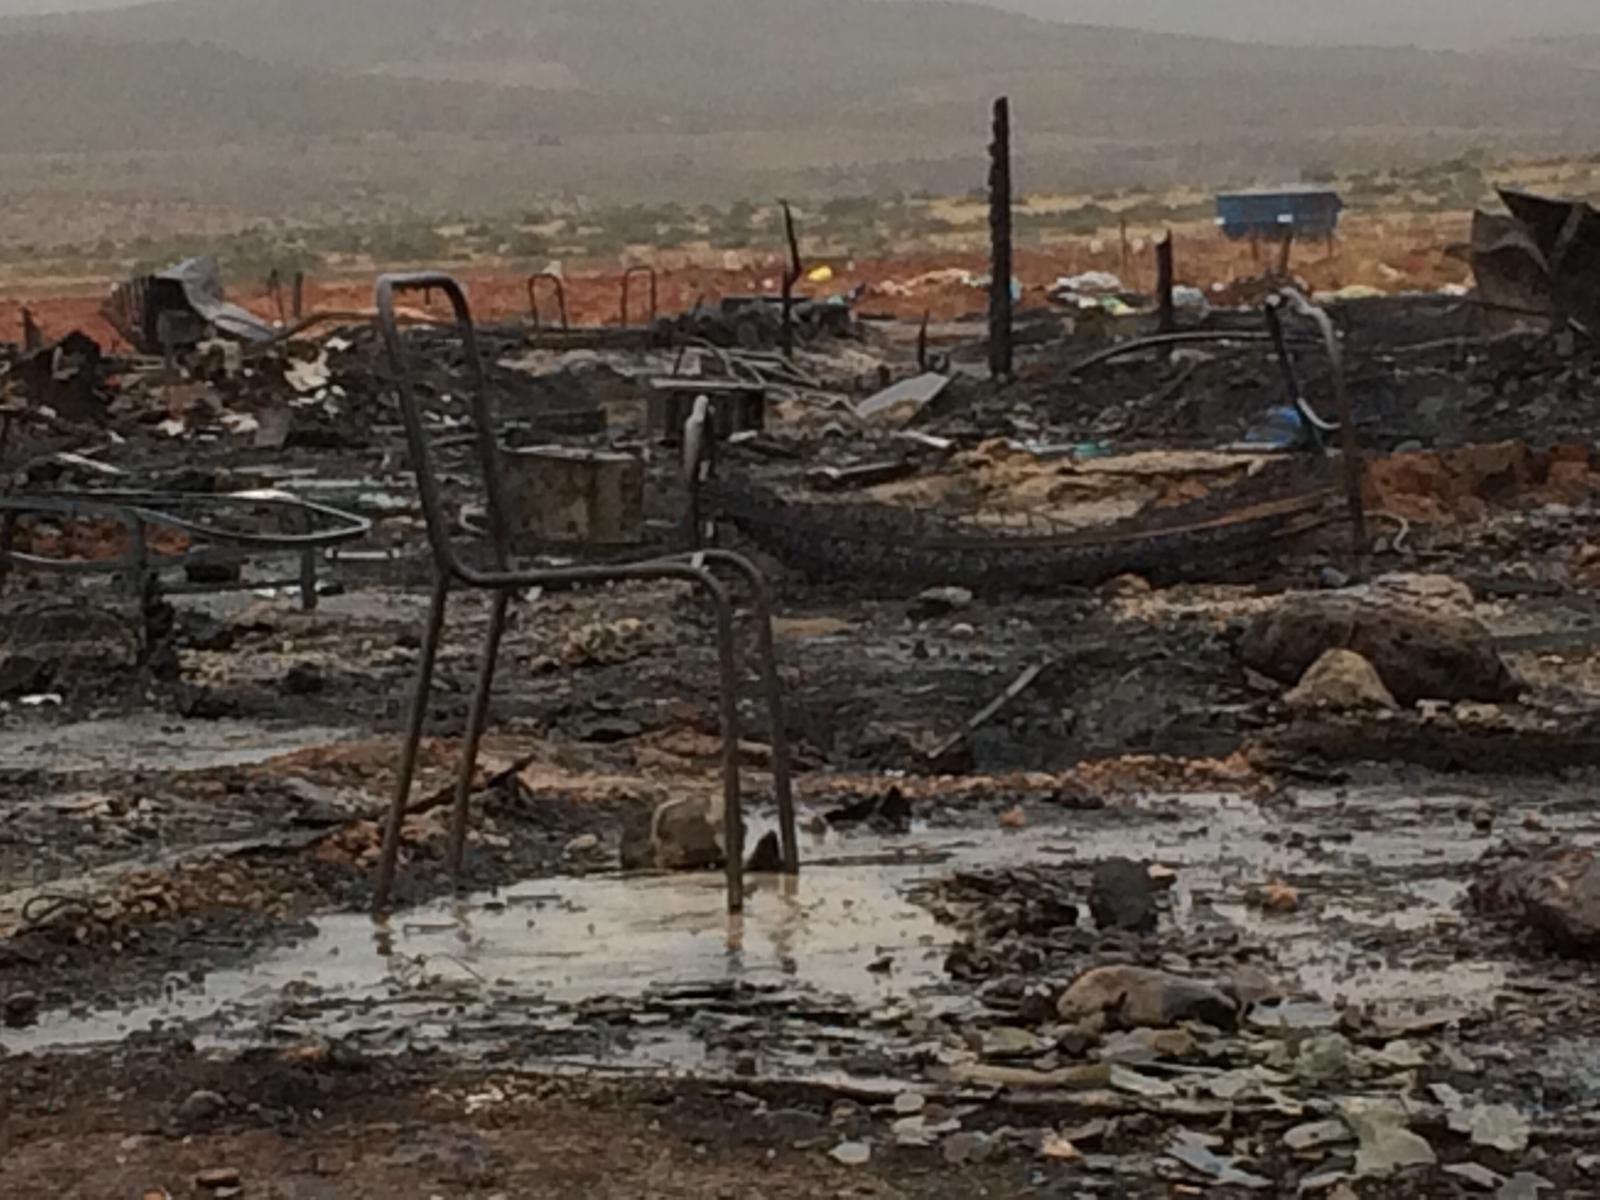 Vista de algunos objetos quemados por las llamas